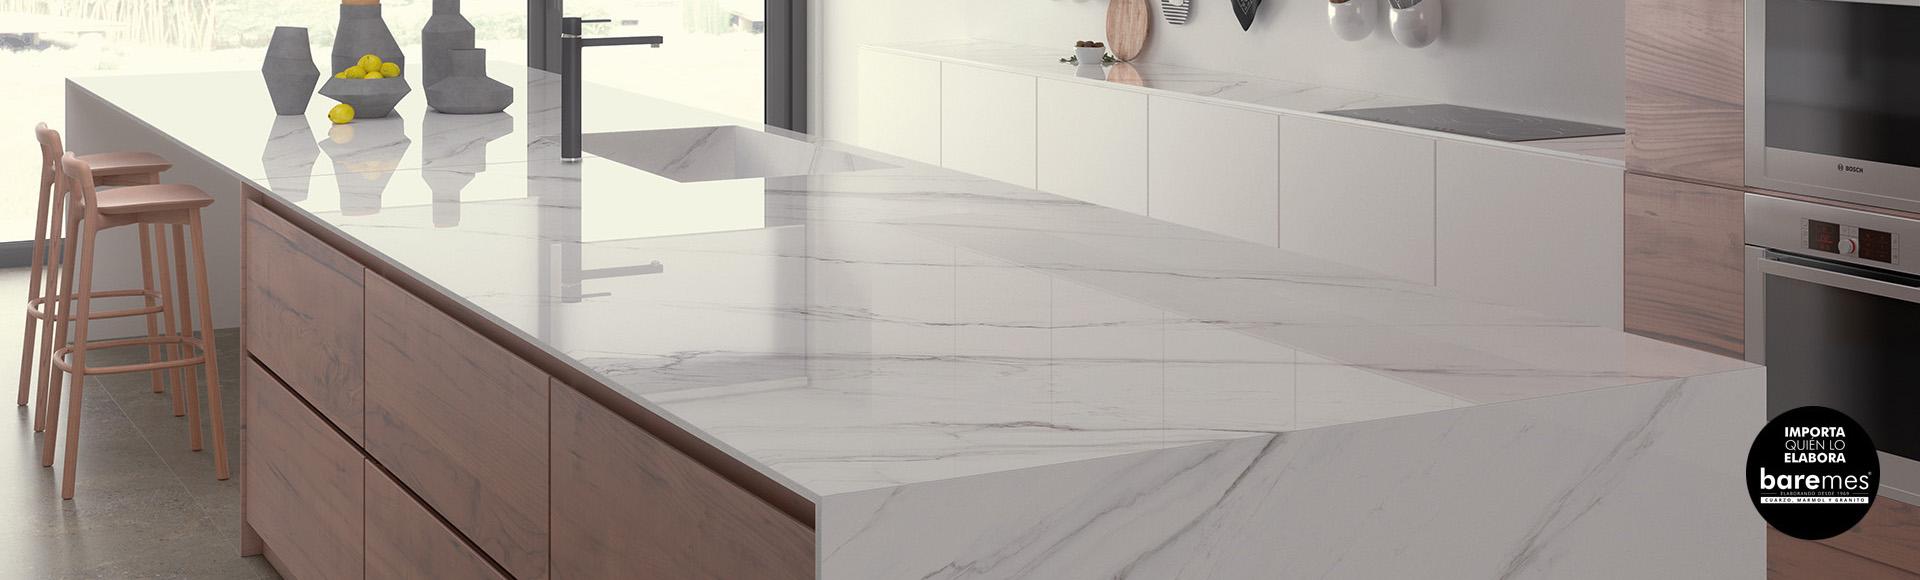 Mesa.Barras desayunador.Isla para cocina moderna|Mesadas baremes